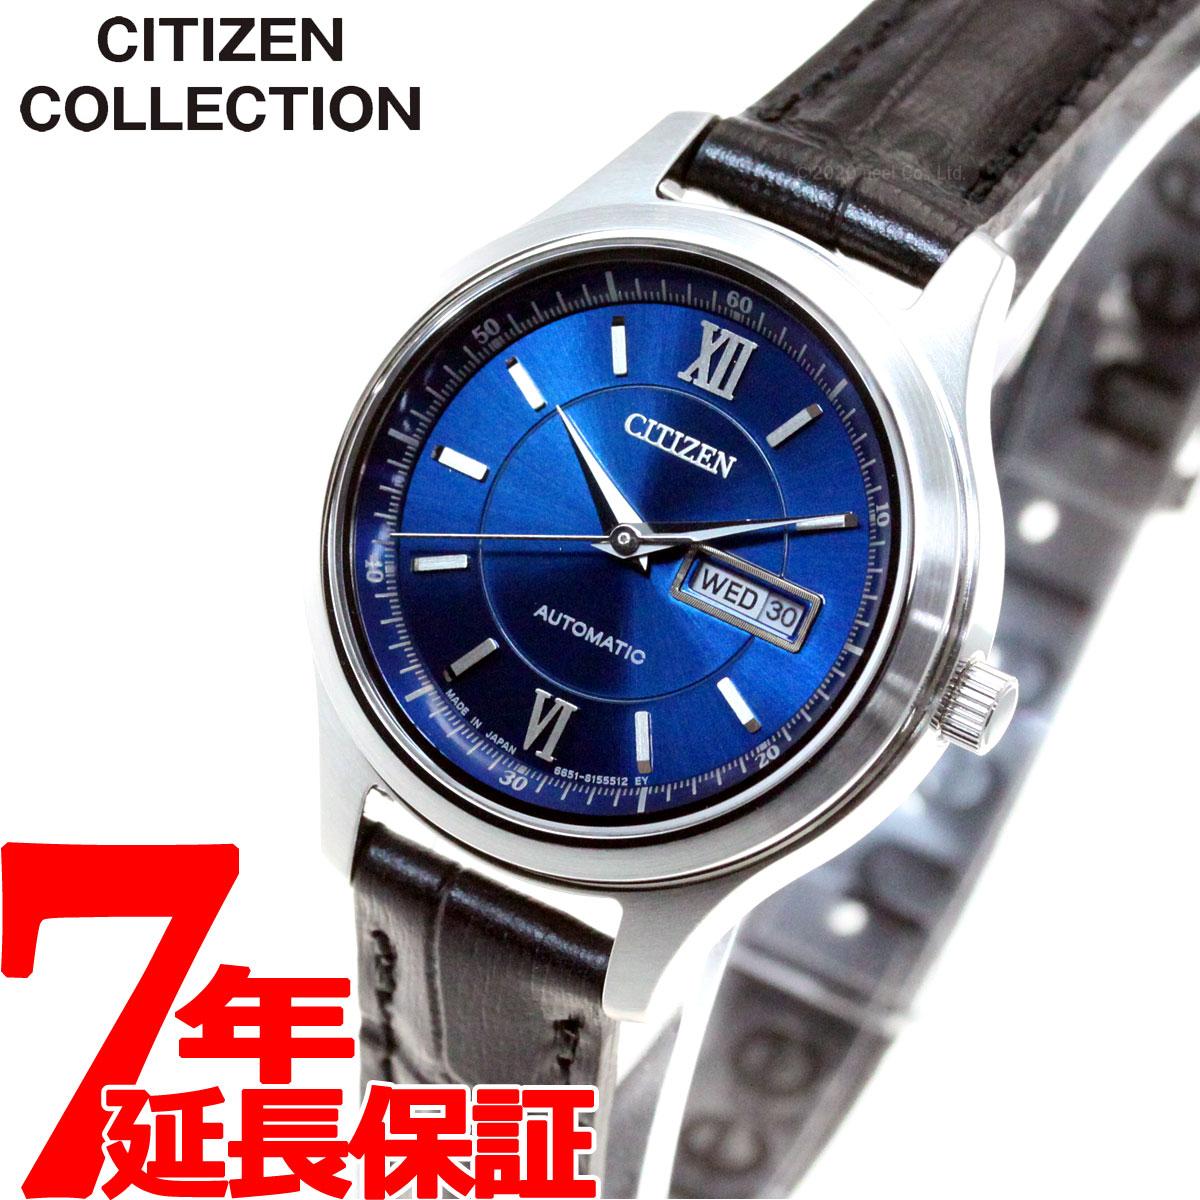 シチズンコレクション CITIZEN COLLECTION メカニカル ロイヤルブルーコレクション 自動巻き 機械式 腕時計 レディース PD7150-03L